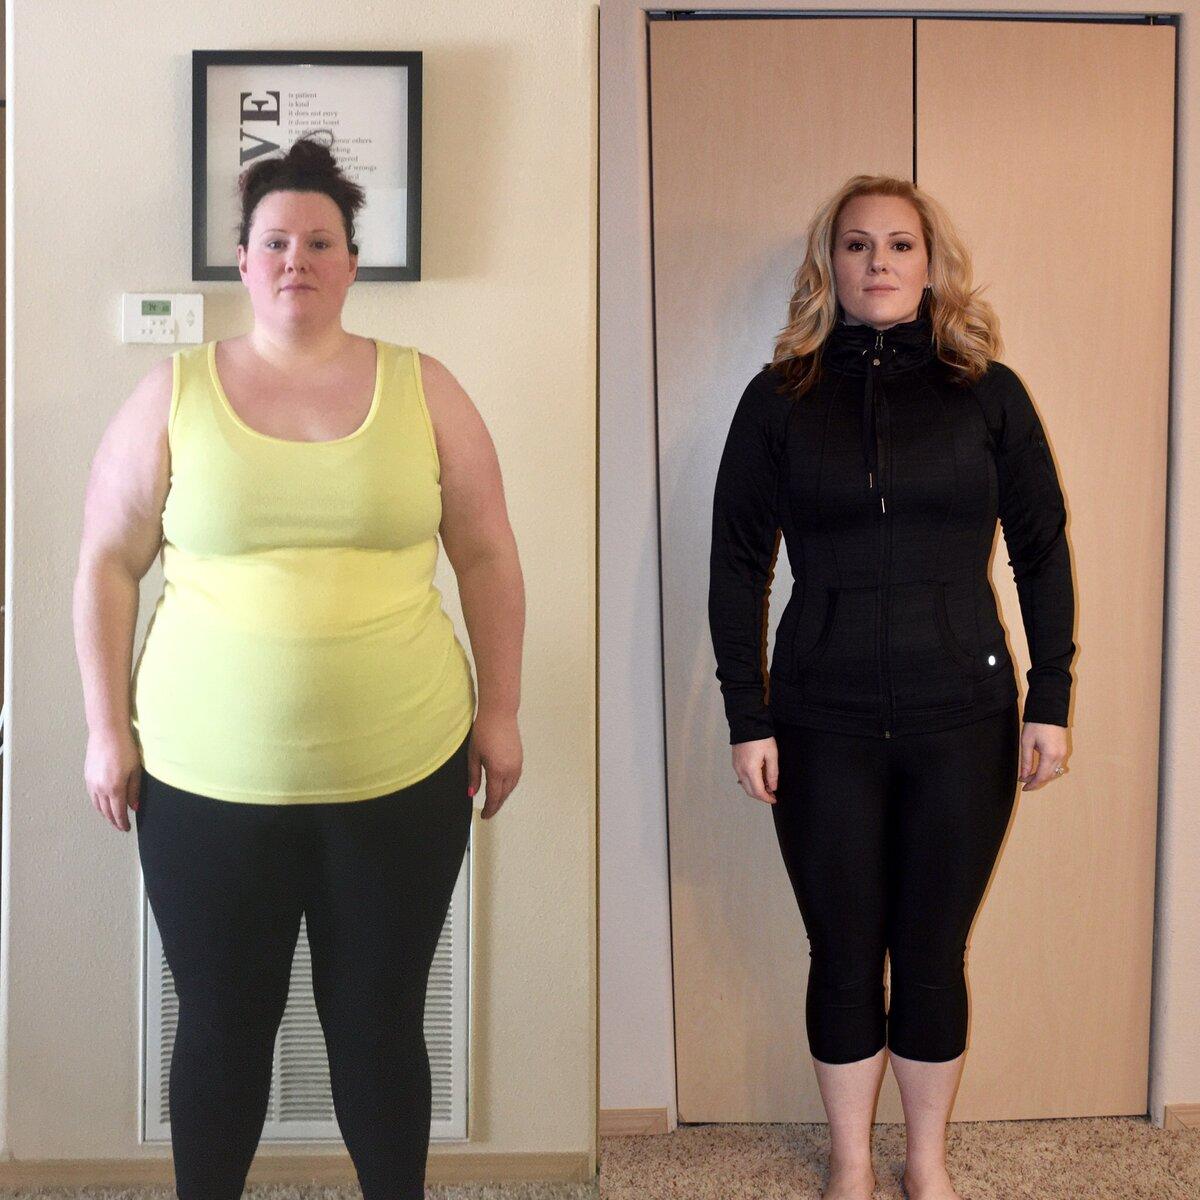 Фото Программы Похудение. Посмотрите, как будет выглядеть Ваше тело, если Вы будете правильно питаться и заниматься спортом! Фото!